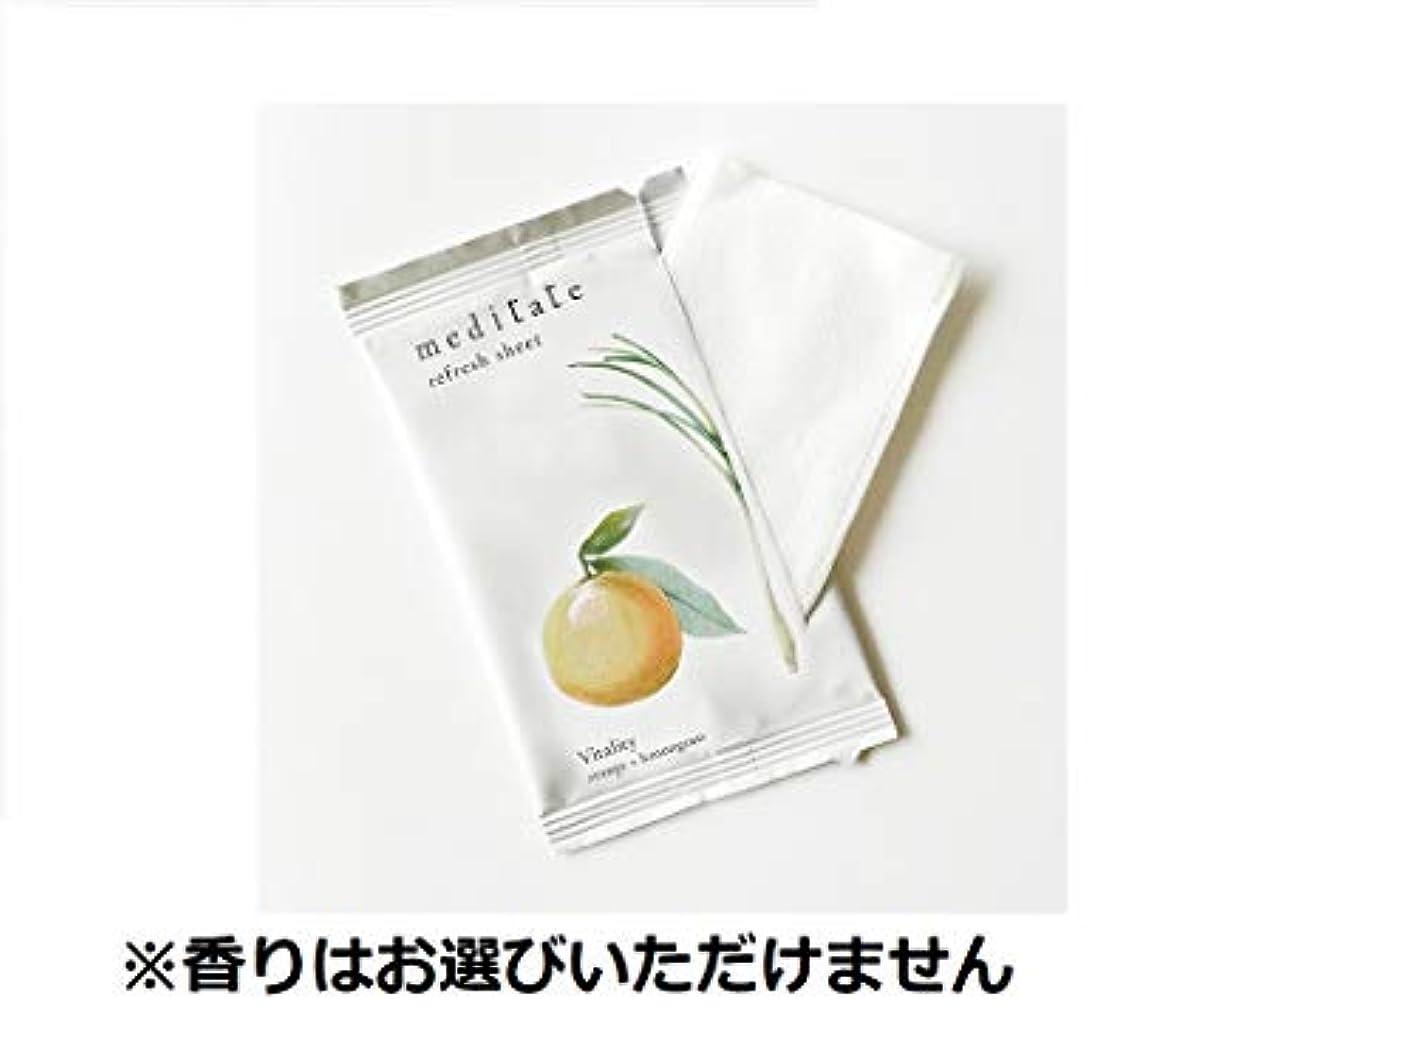 放棄する剣錆び大香 リフレッシュシート サンプル 7g 【実質無料サンプルストア対象】